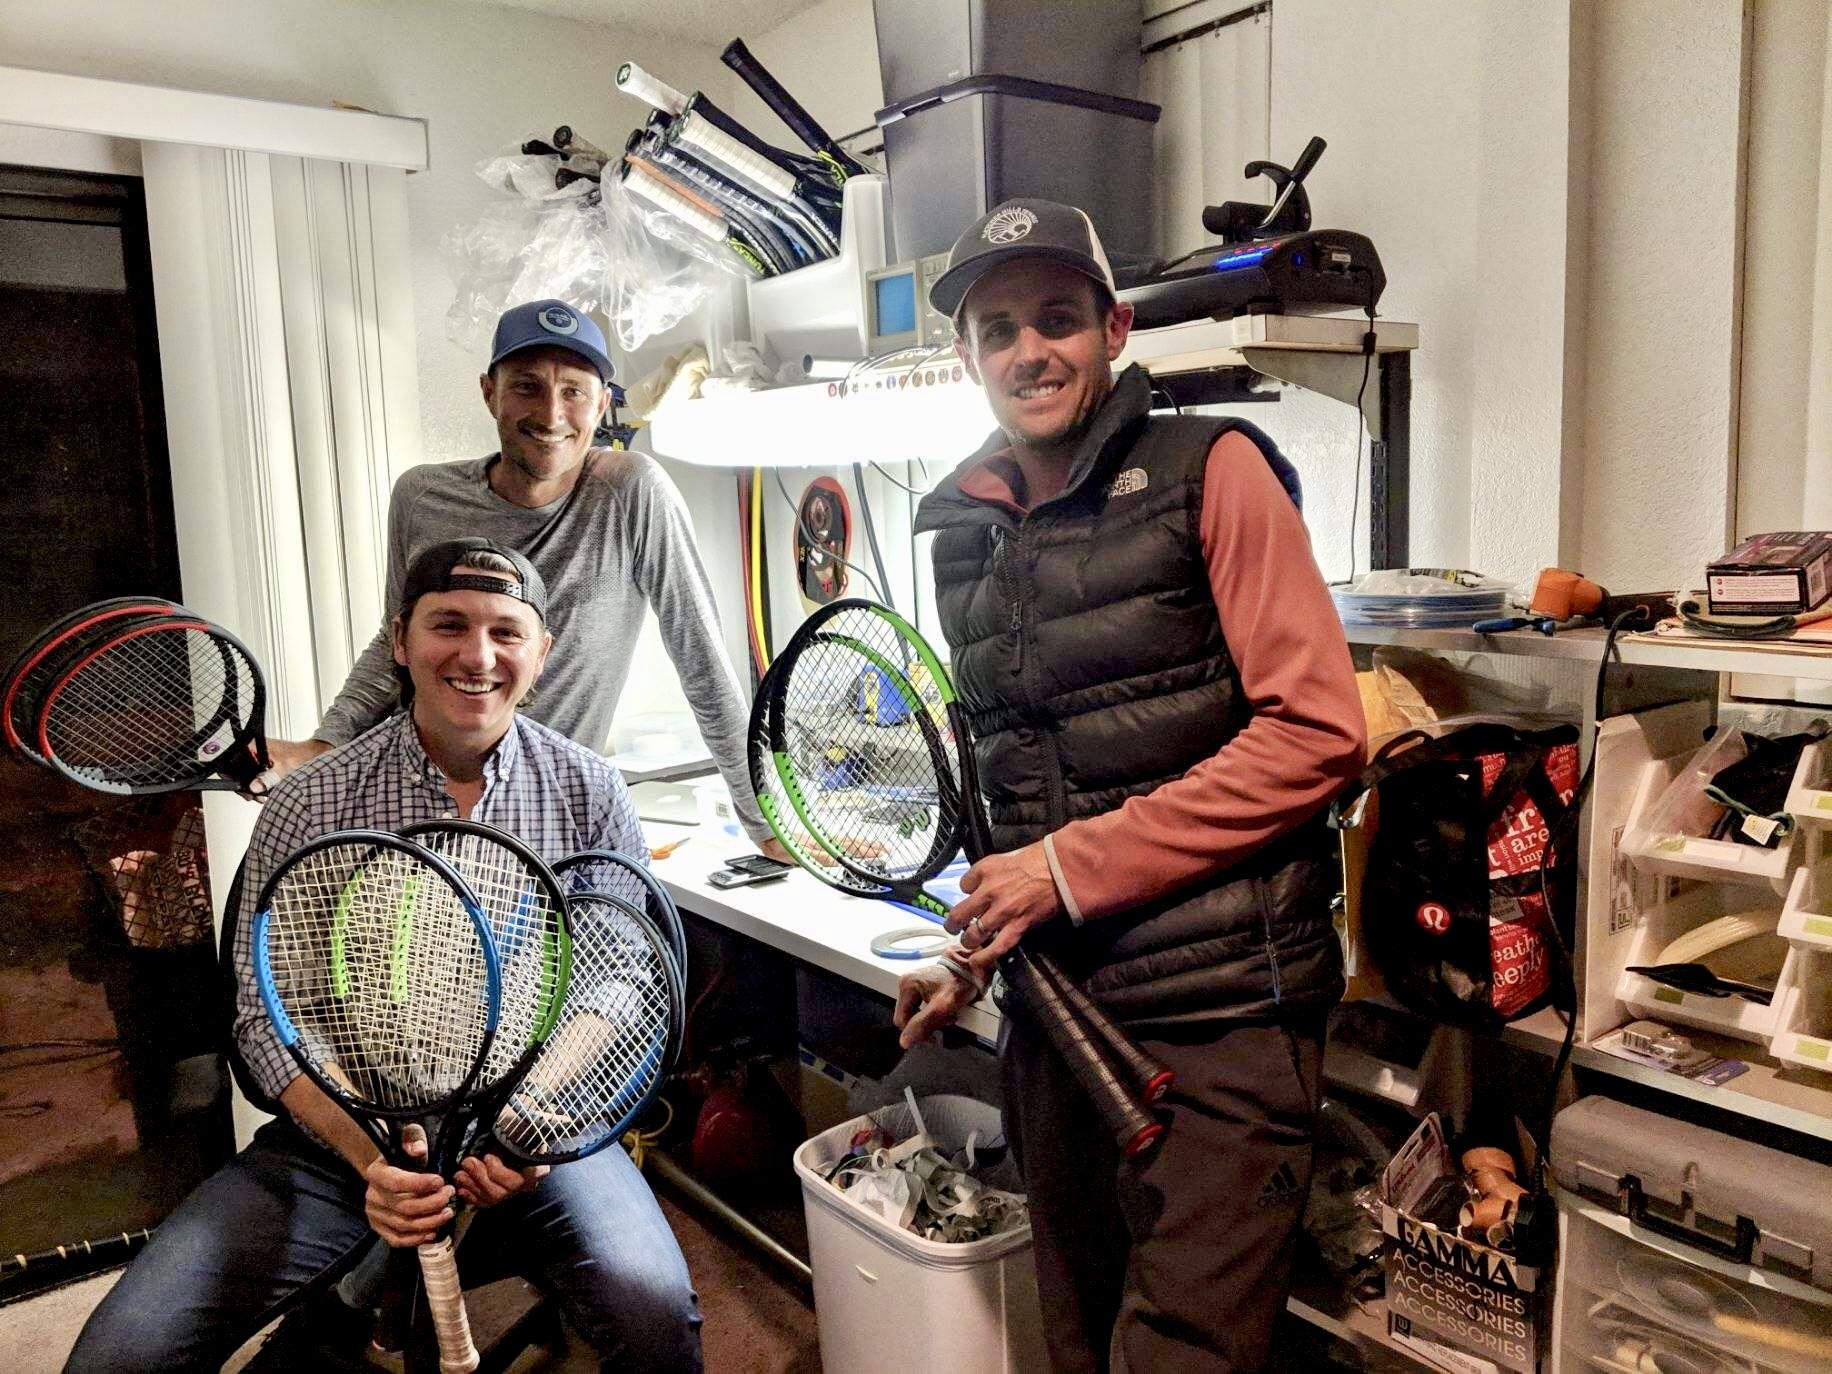 Racket Concepts with Matt Previdi